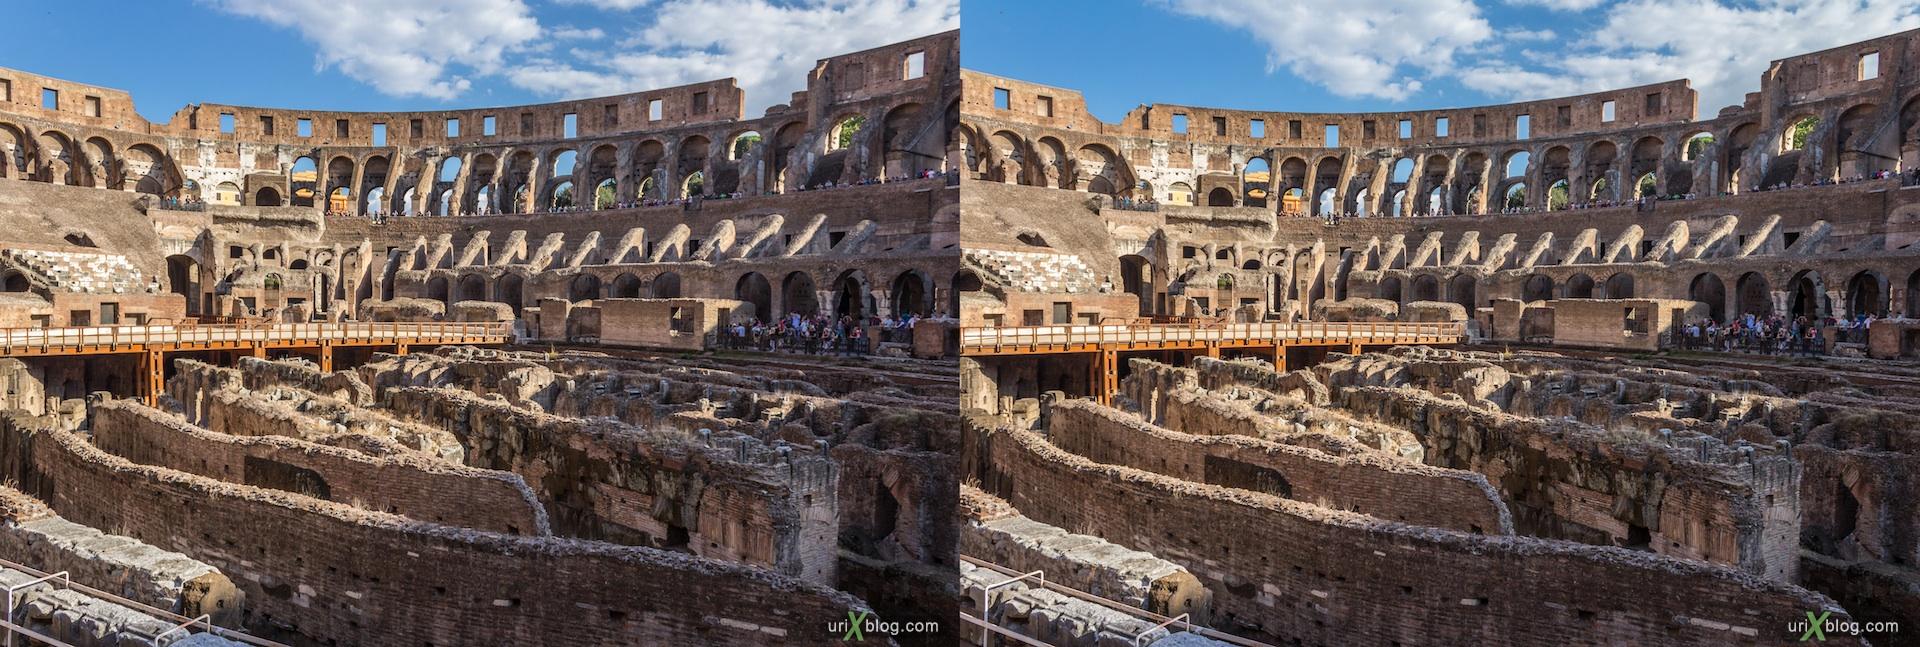 2012, Колизей, Рим, Италия, 3D, перекрёстные стереопары, стерео, стереопара, стереопары